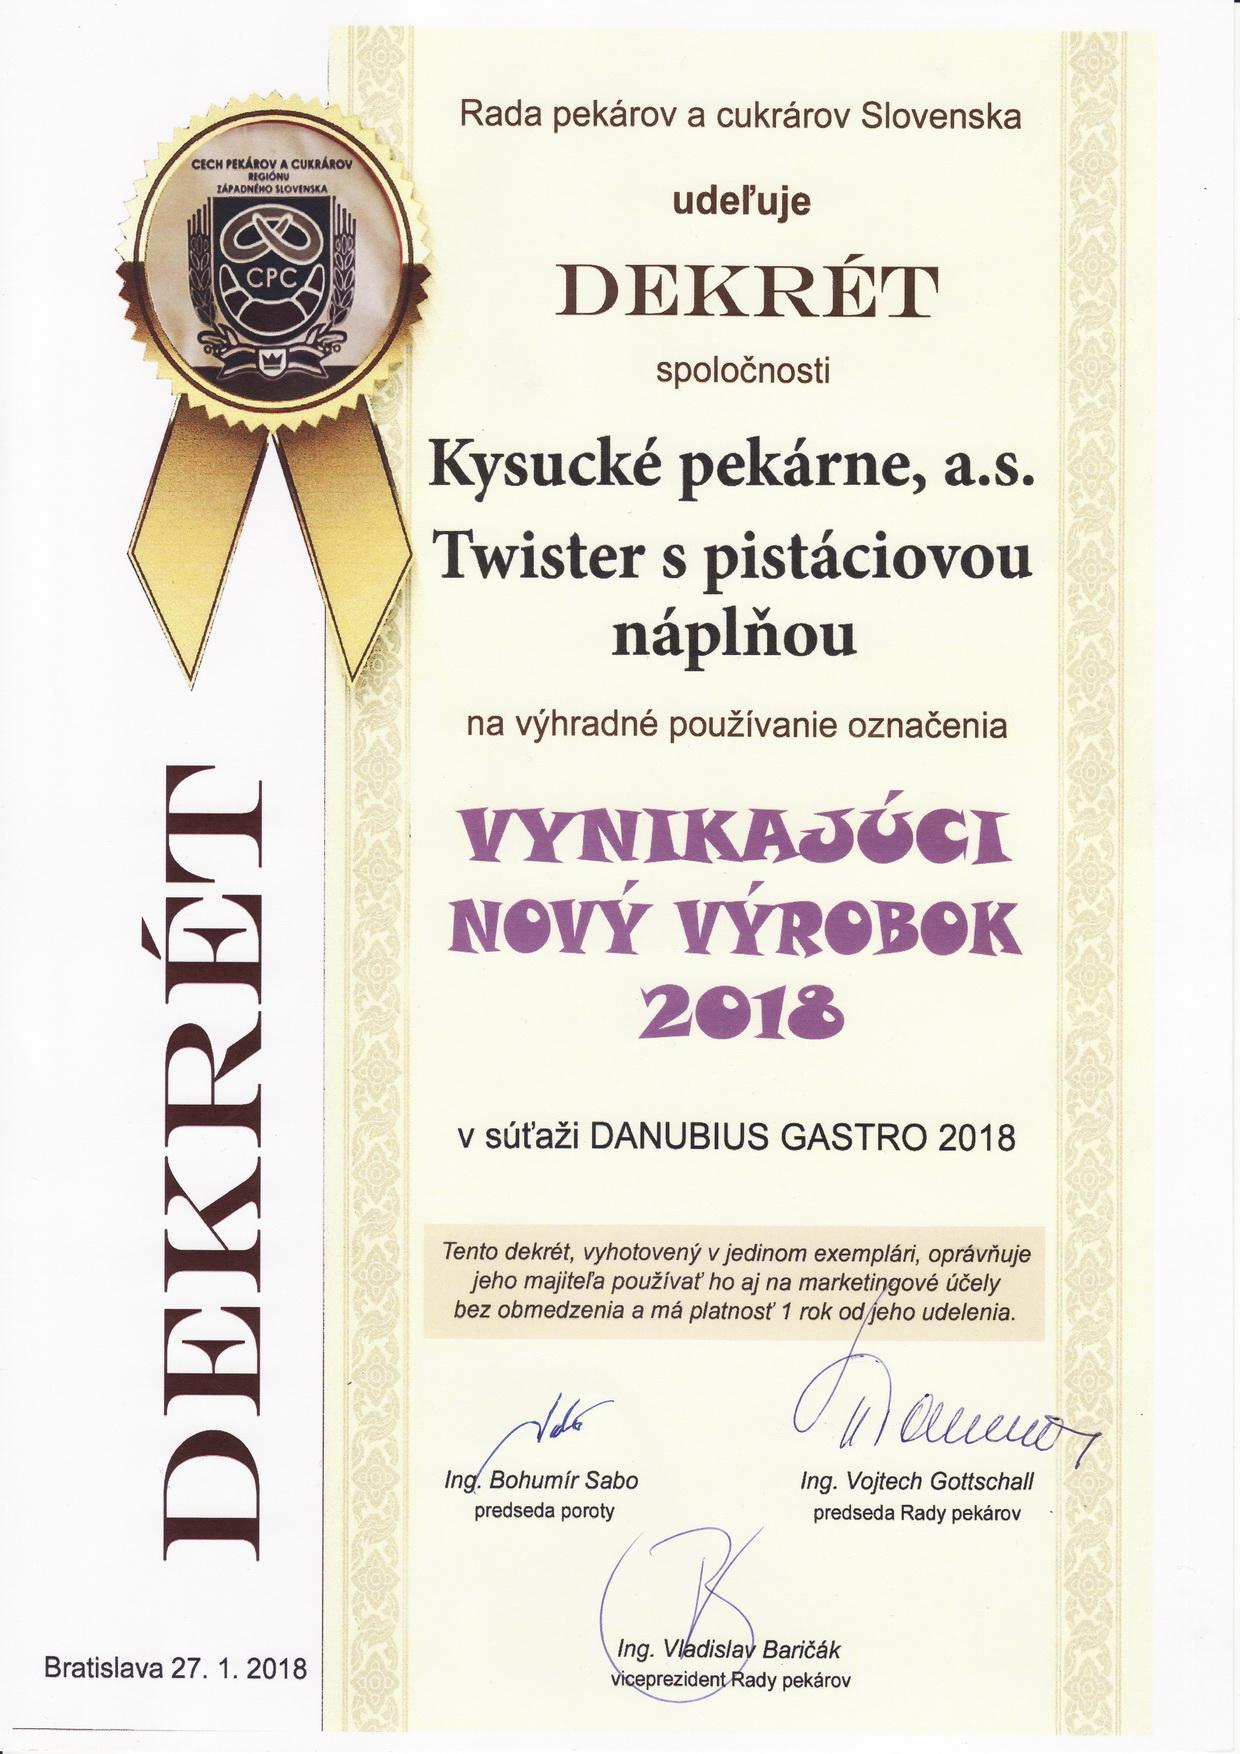 Vynikajúci nový výrobok 2018 - vilija